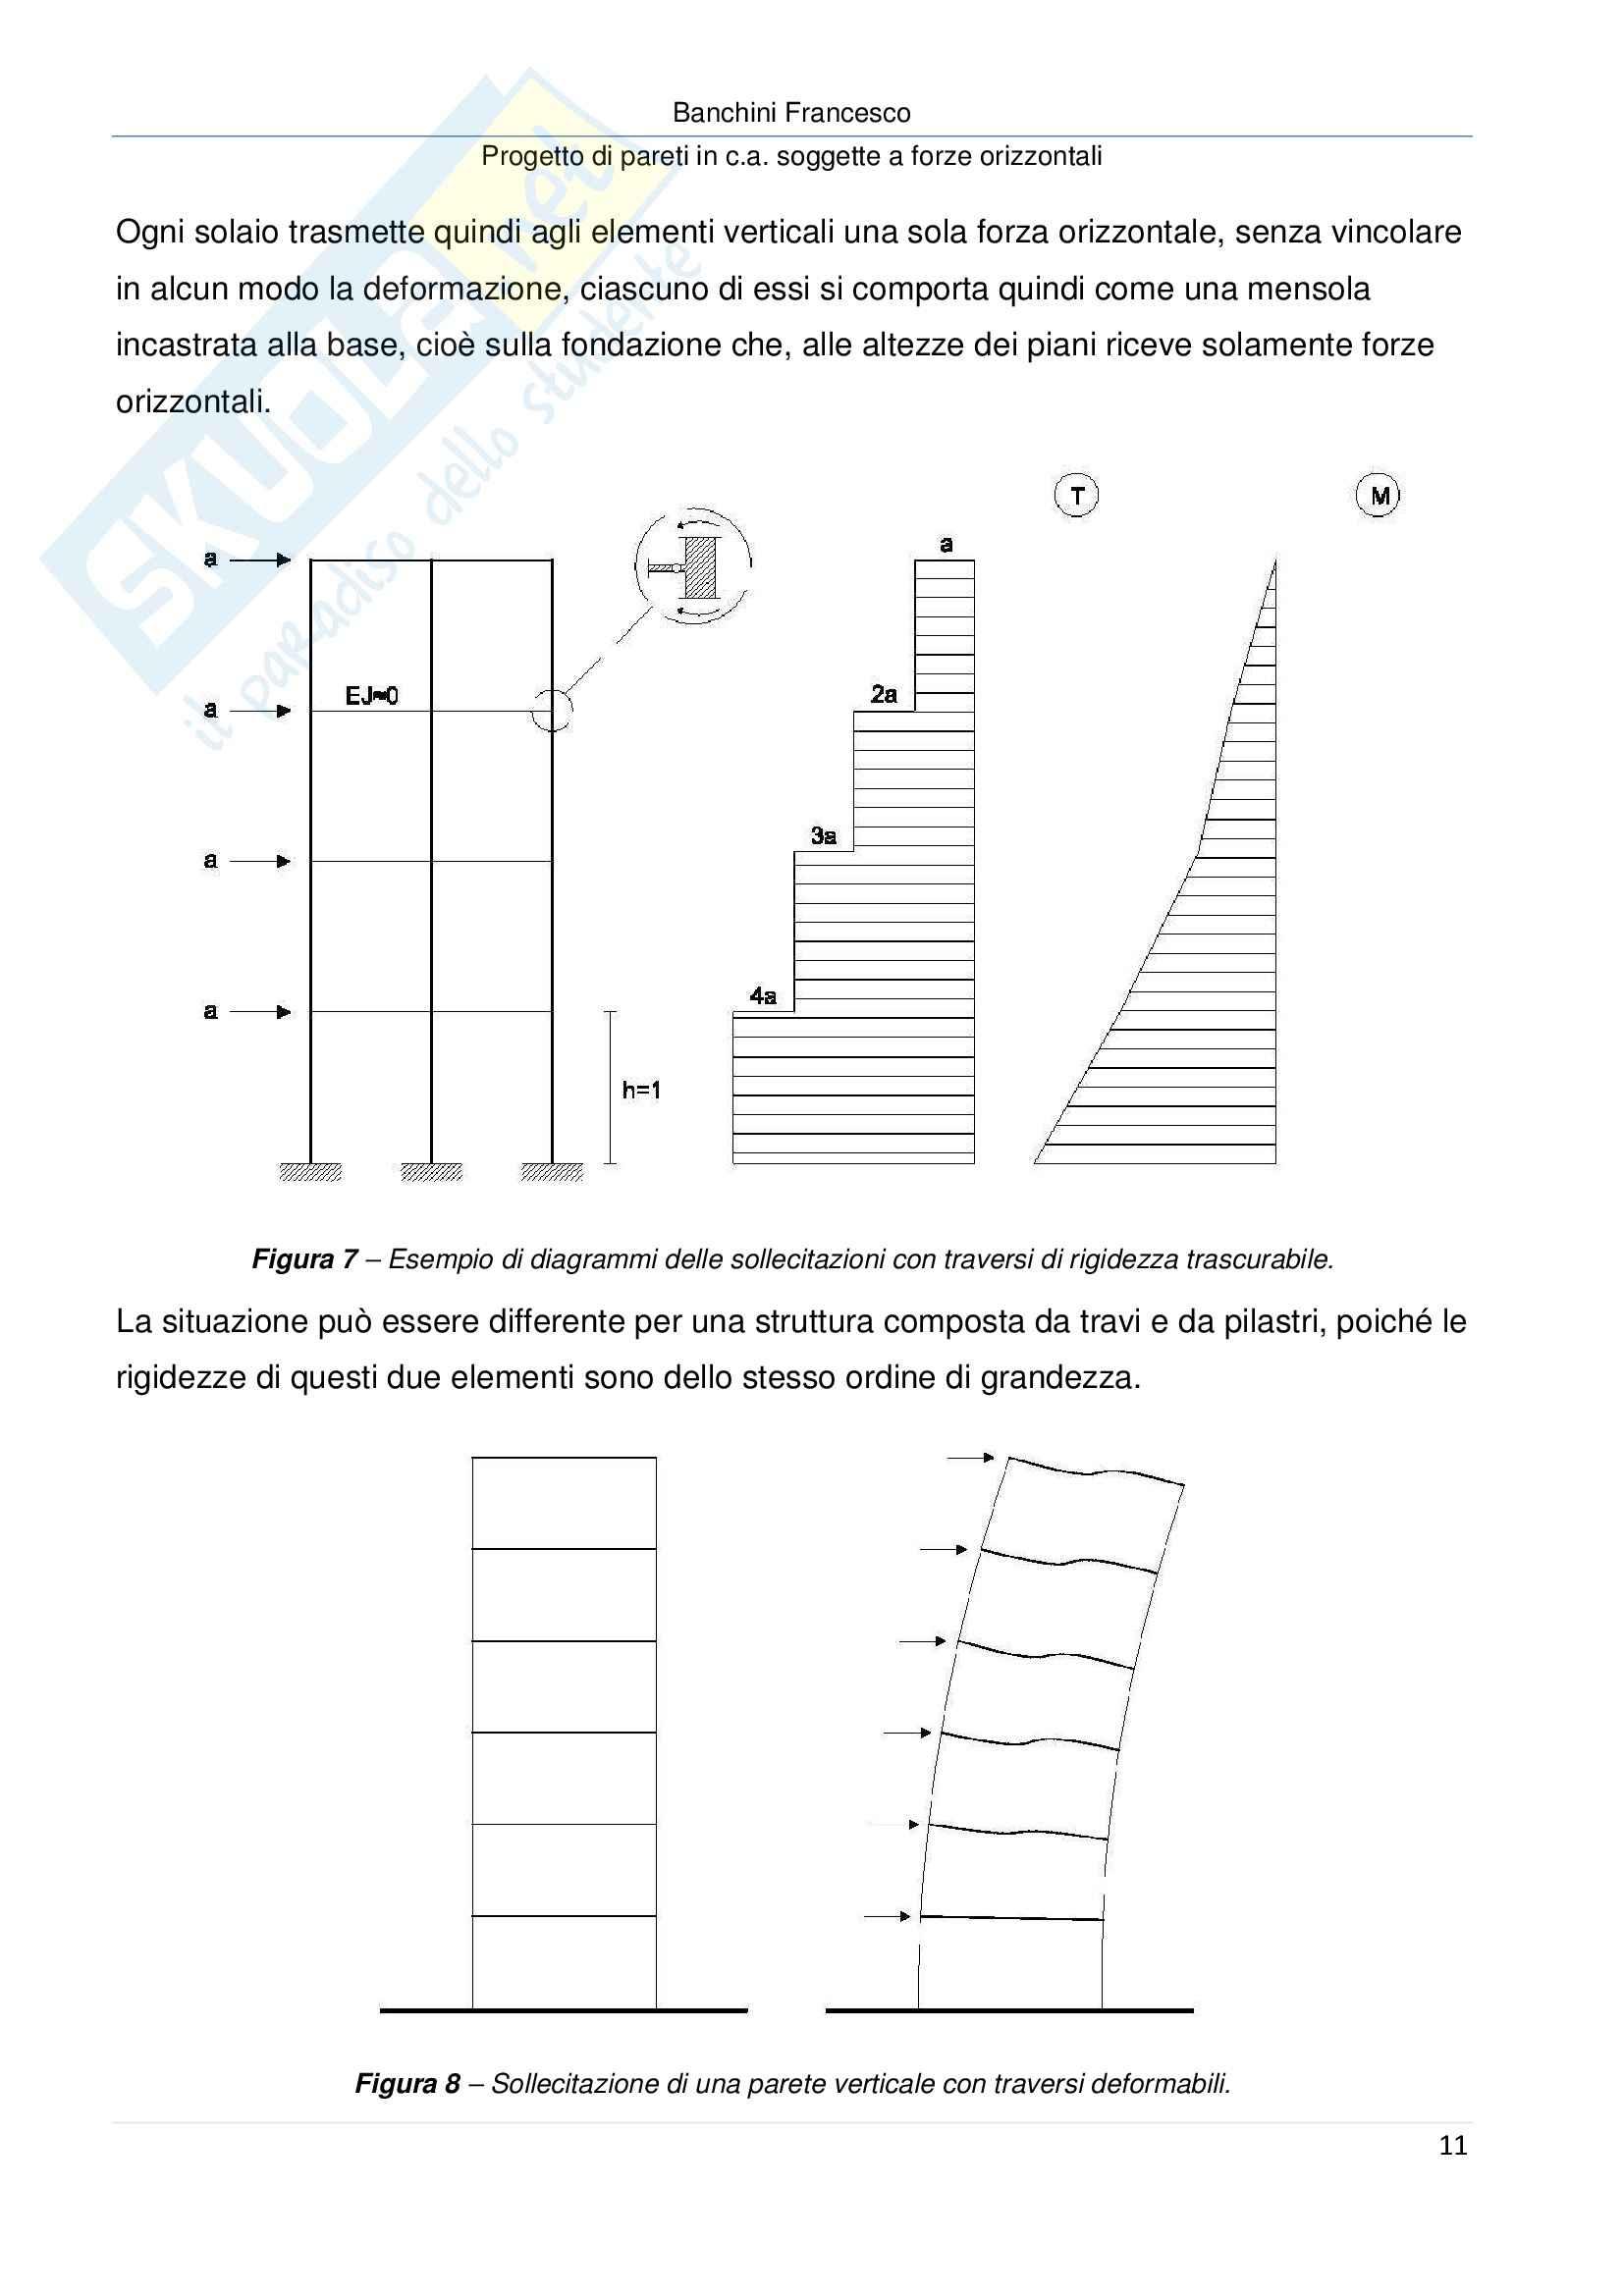 Progetto di pareti in c a soggette a forze orizzontali, Progetto di strutture Pag. 11